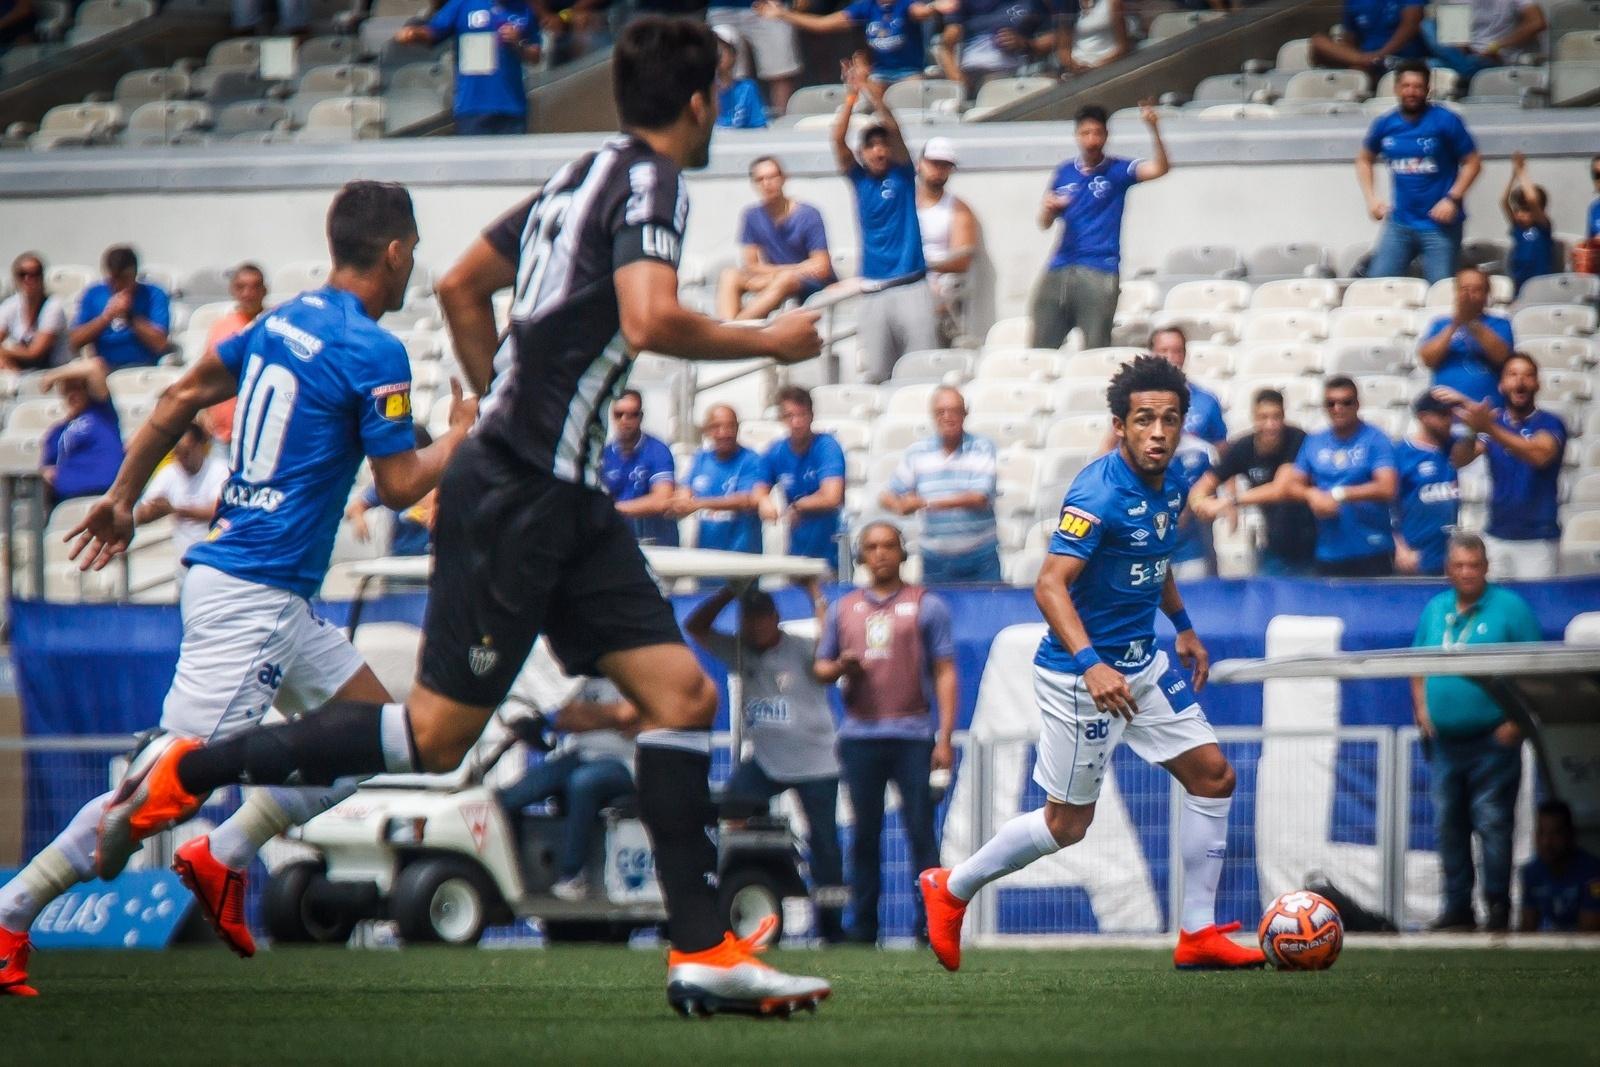 Cruzeiro e Atlético-MG empatam em clássico marcado por arbitragem polêmica  - Esporte - BOL d3fdc9f7c5601